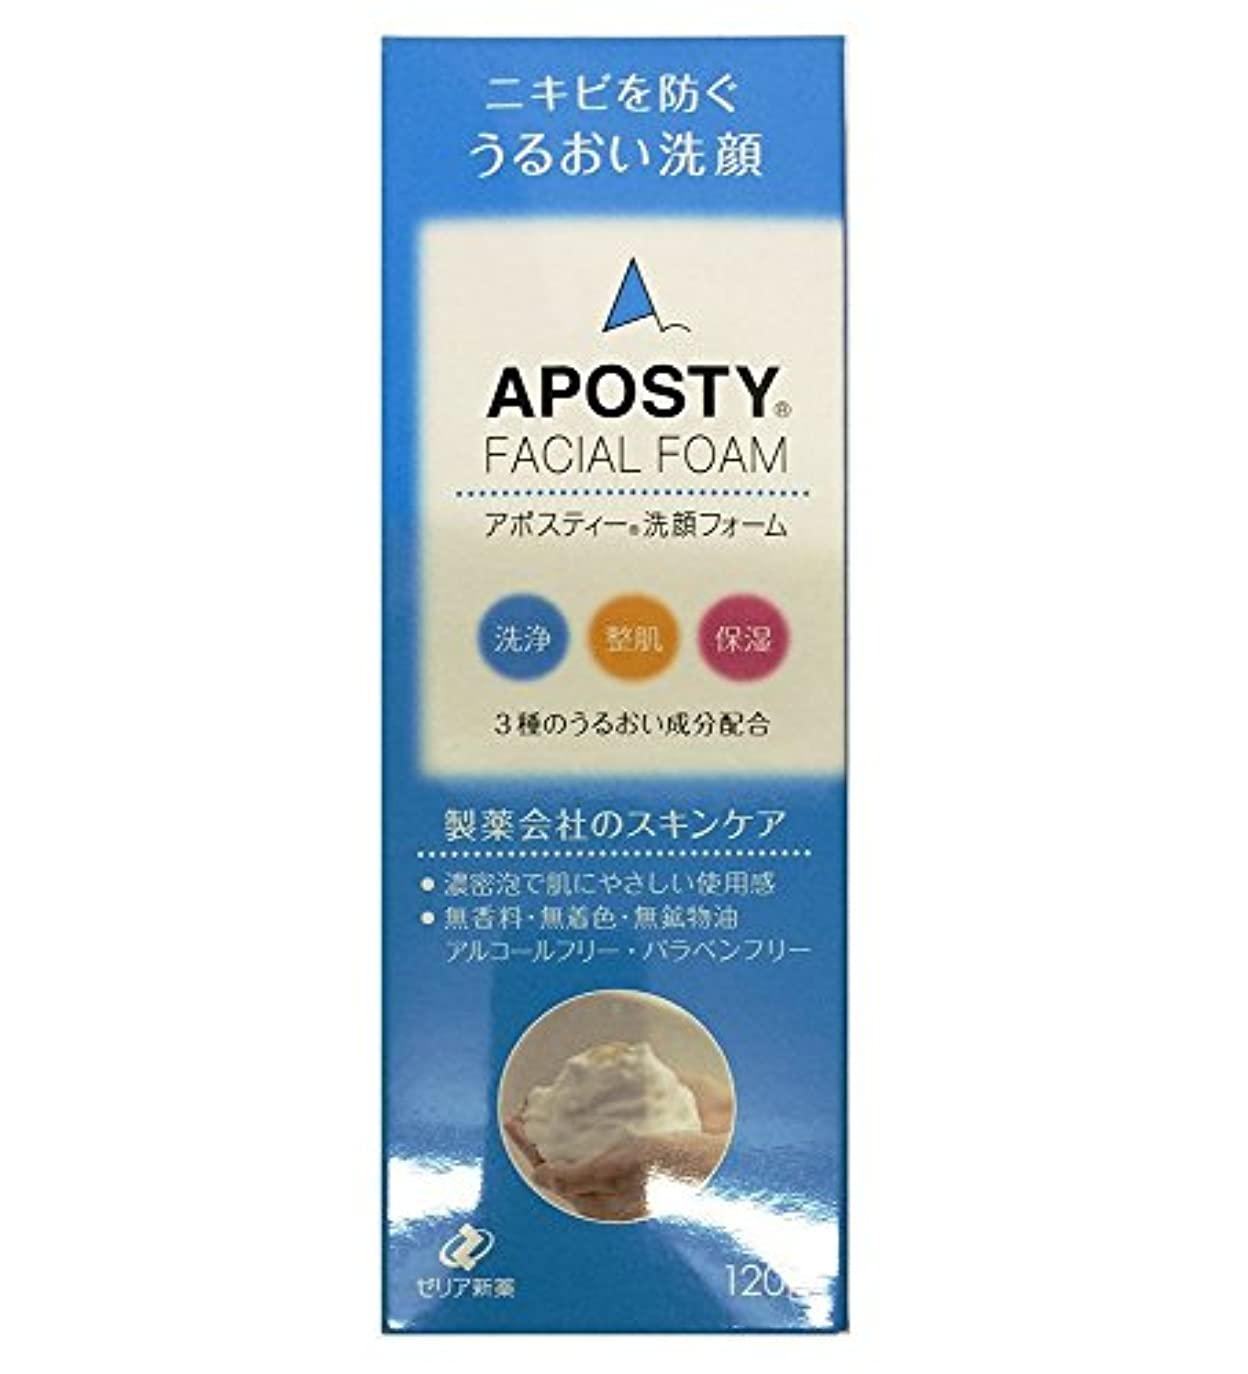 虫を数える学部長類似性ゼリア新薬工業 アポスティー 洗顔フォーム 120g